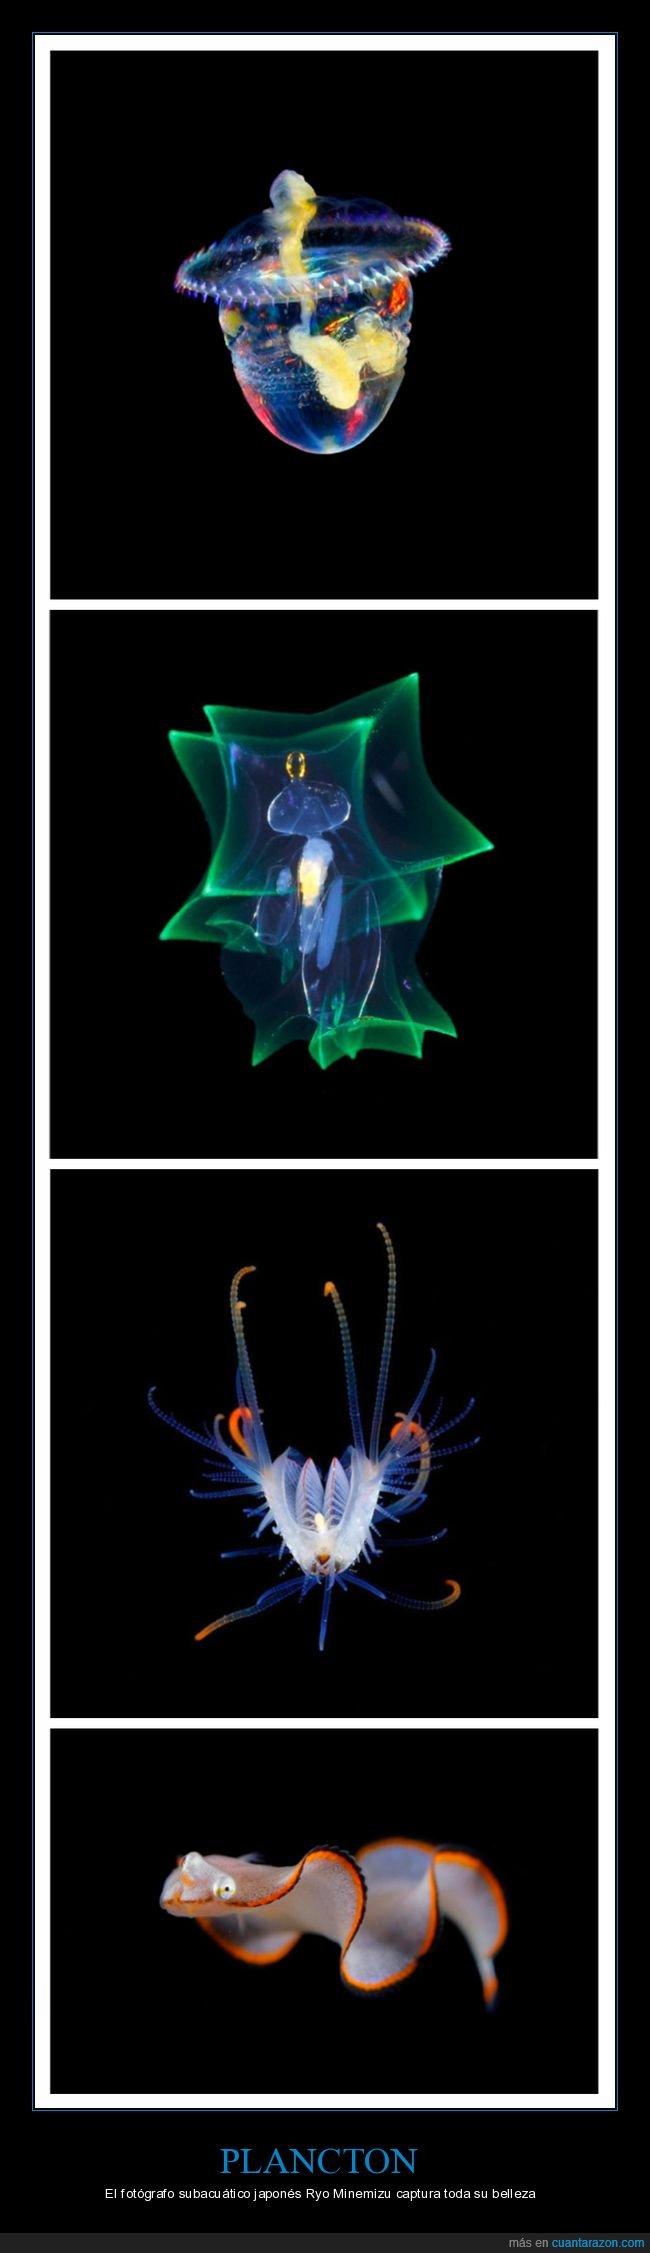 curiosidades,fotografía,plancton,ryo minemizu